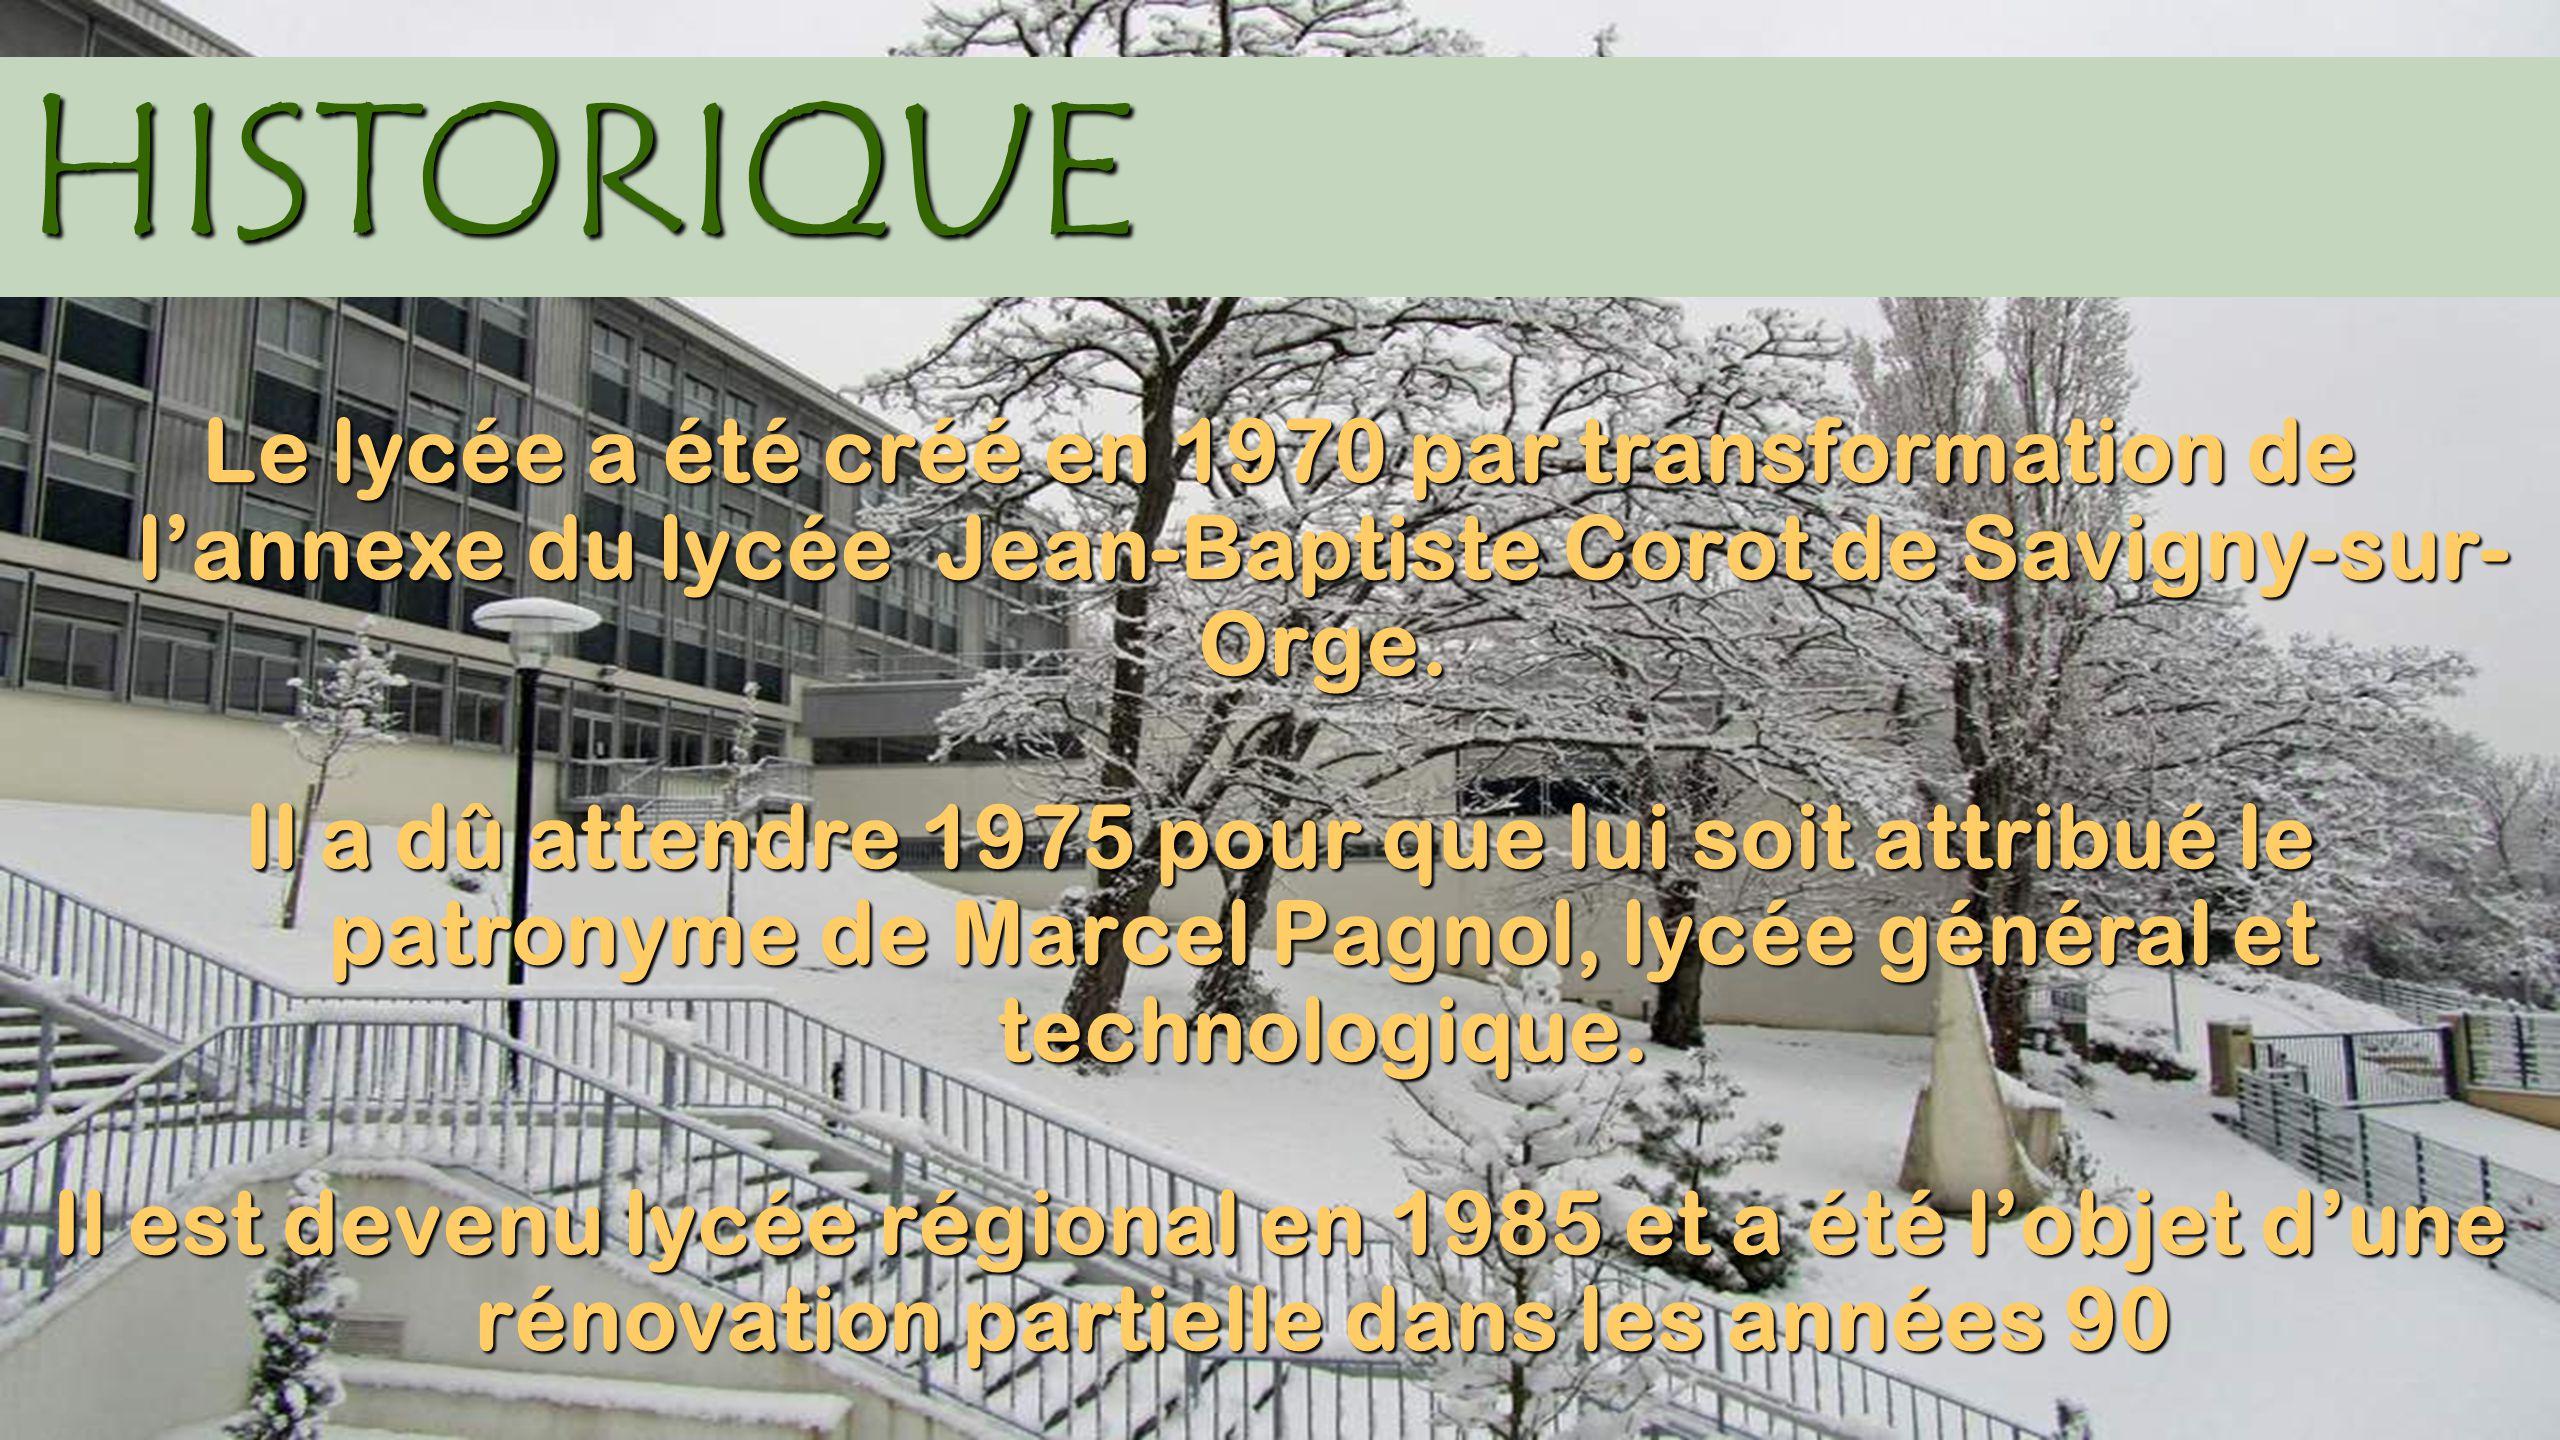 HISTORIQUE Le lycée a été créé en 1970 par transformation de l'annexe du lycée Jean-Baptiste Corot de Savigny-sur-Orge.